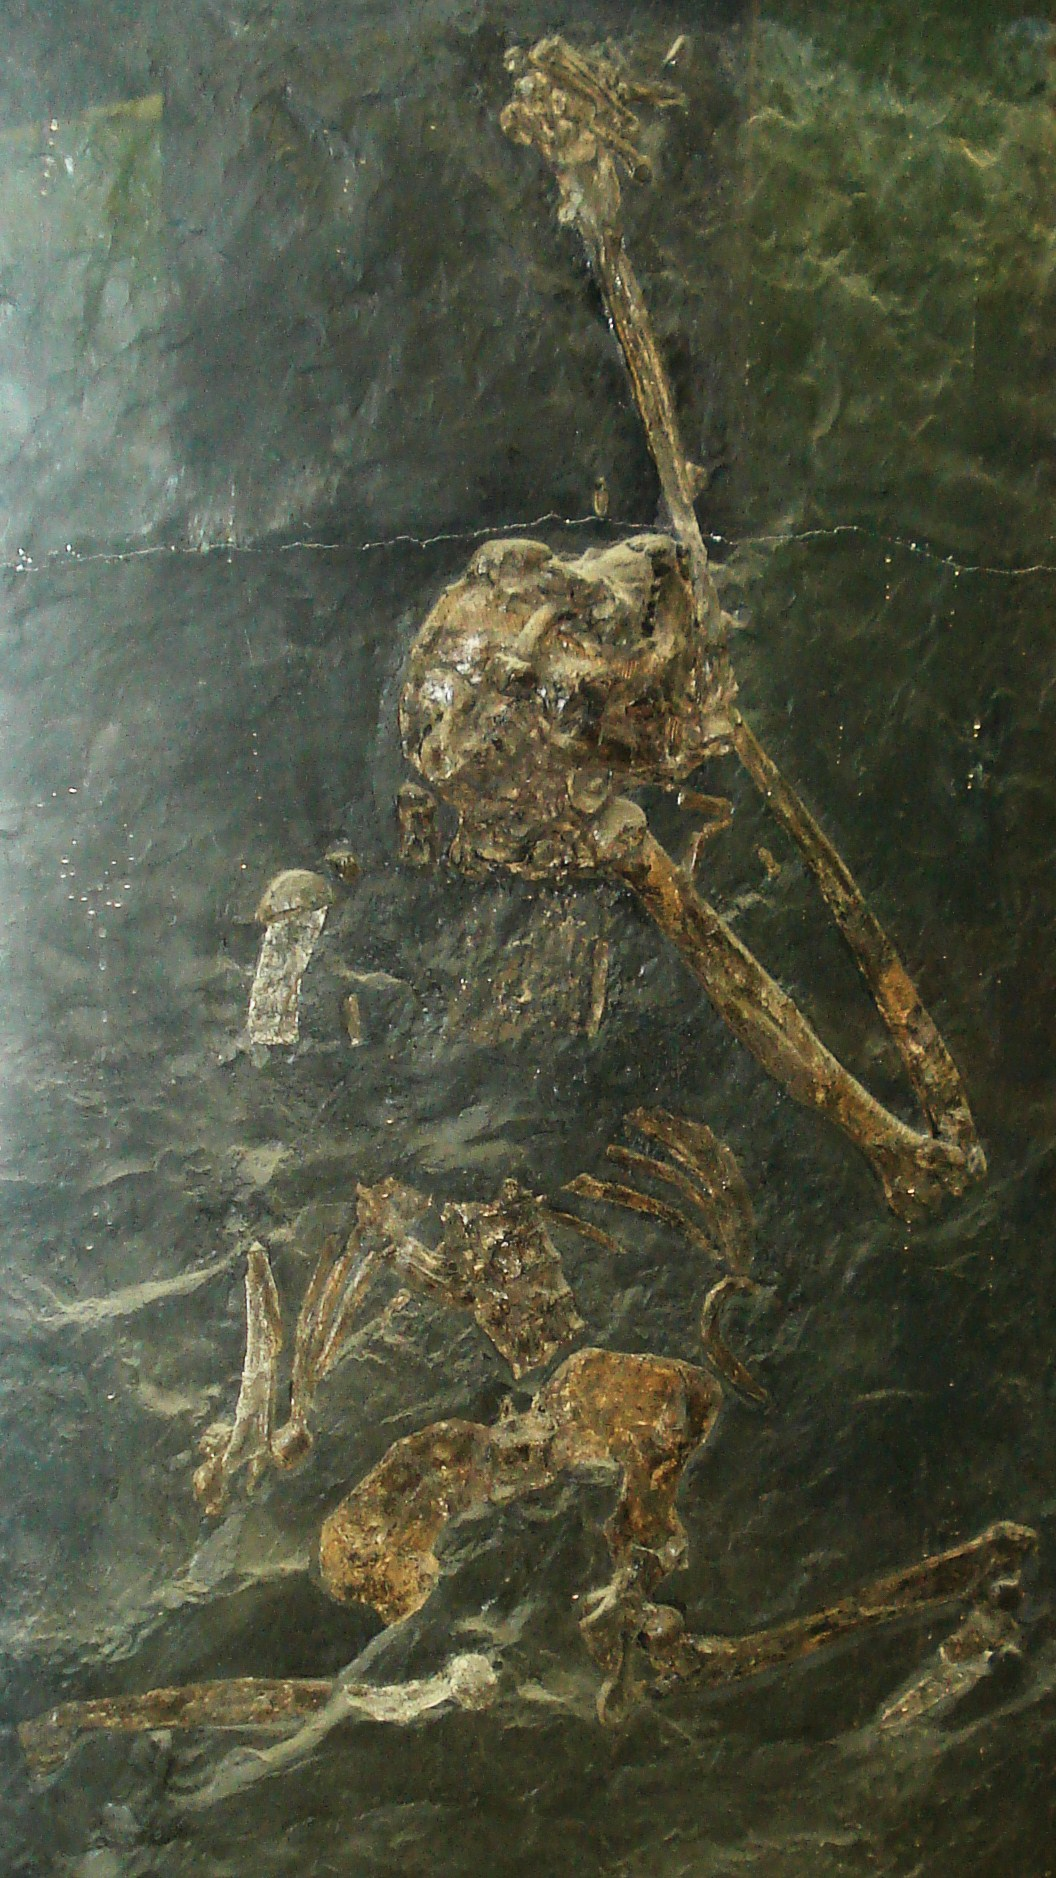 Oreopithecus bambolii skeleton